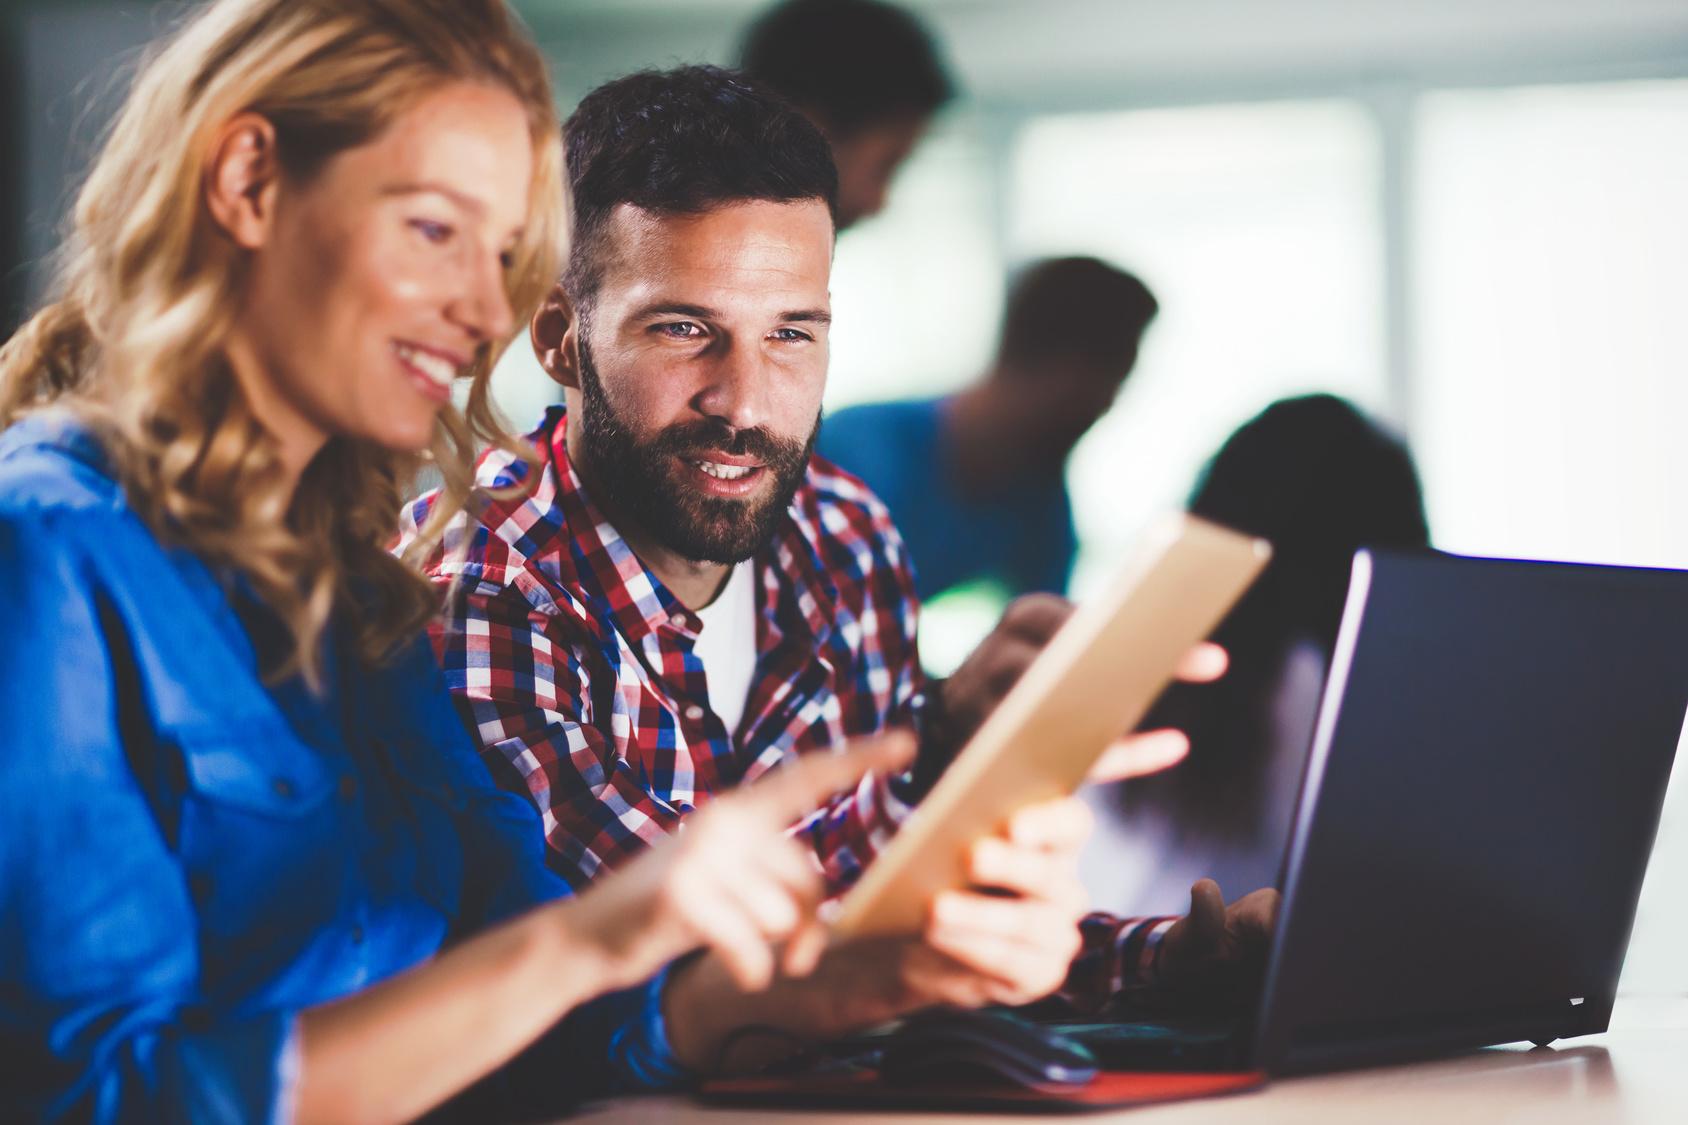 ¿Tienes el talento digital que piden las empresas? ¡Te damos las claves!